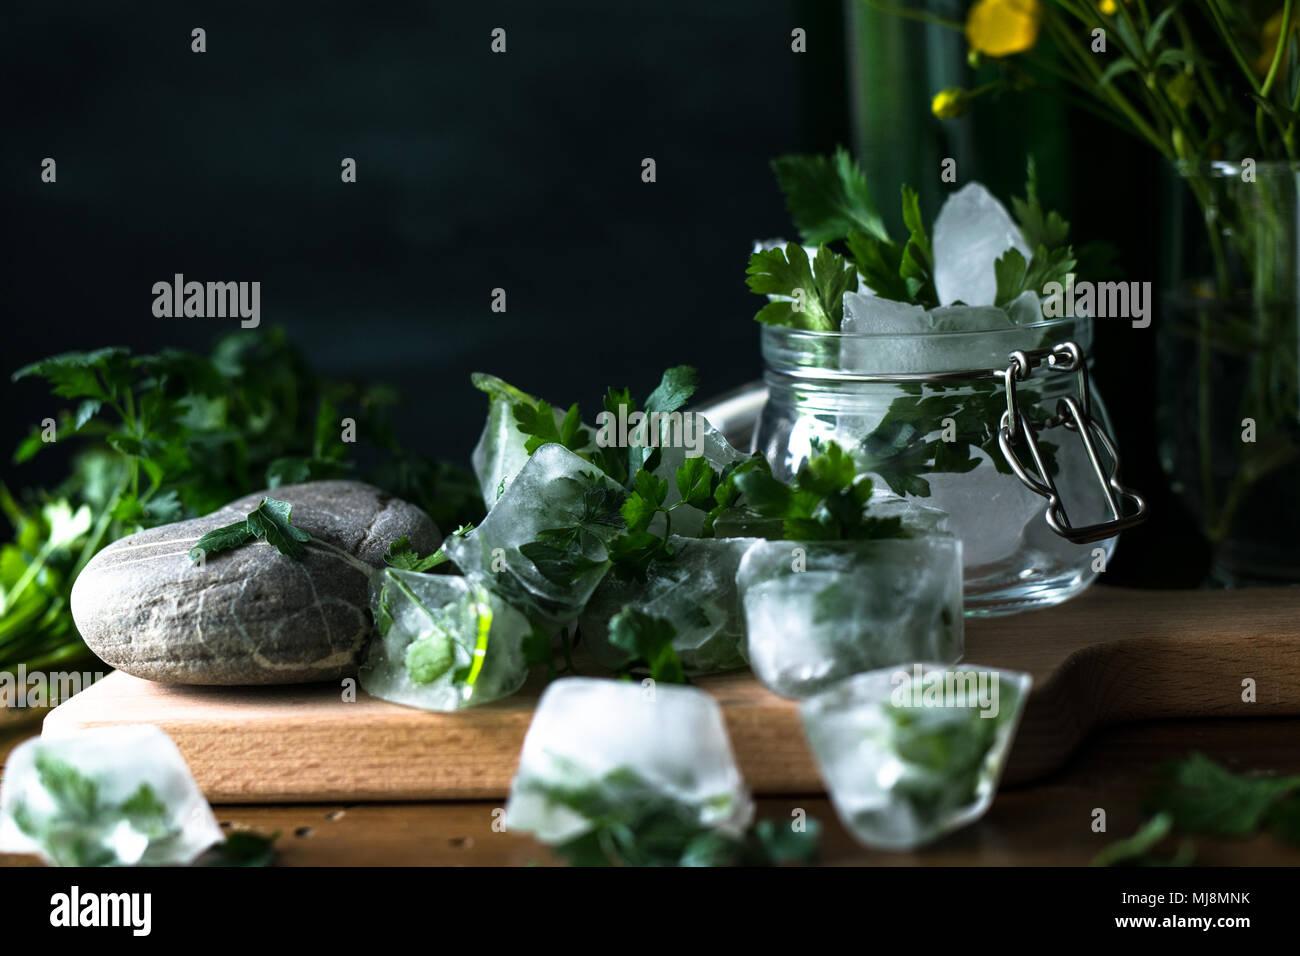 Eiswürfel mit tiefgekühlte Kräuter für Obst infundiert Wasser auf rustikalen Holzmöbeln Hintergrund Stockfoto